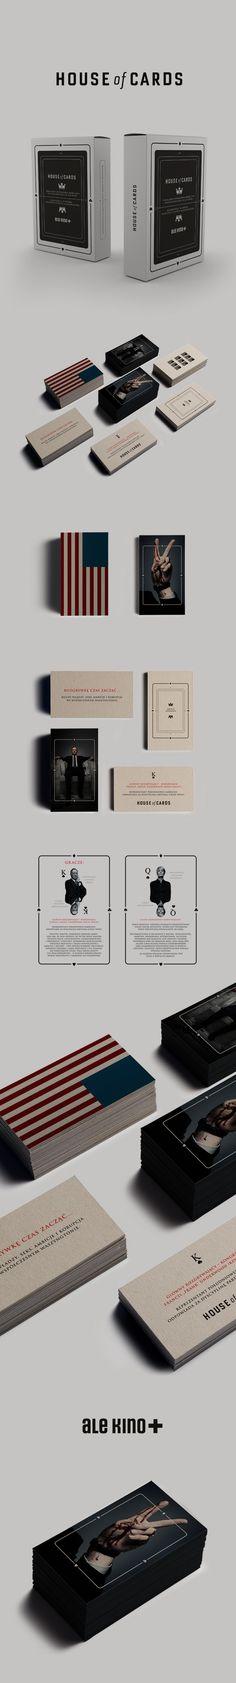 Castillo de naipes / Ale Kino + por Zdunkiewicz, a través de Behance